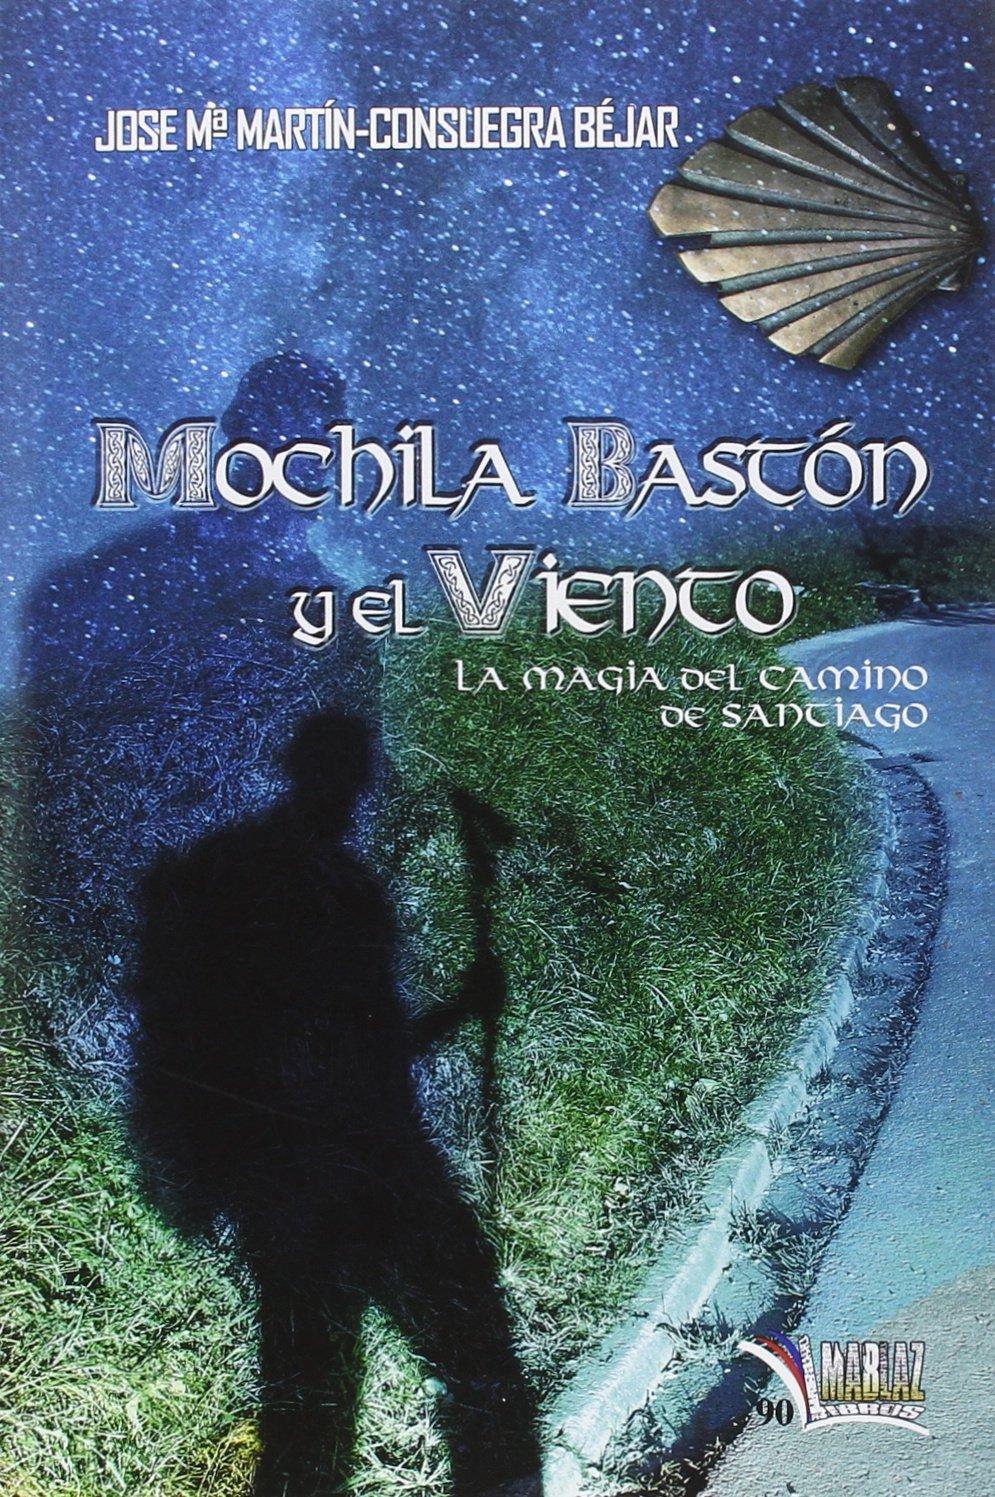 Mochila, bastón y el viento : la magia del Camino de Santiago (Spanish) Paperback – March 1, 2016